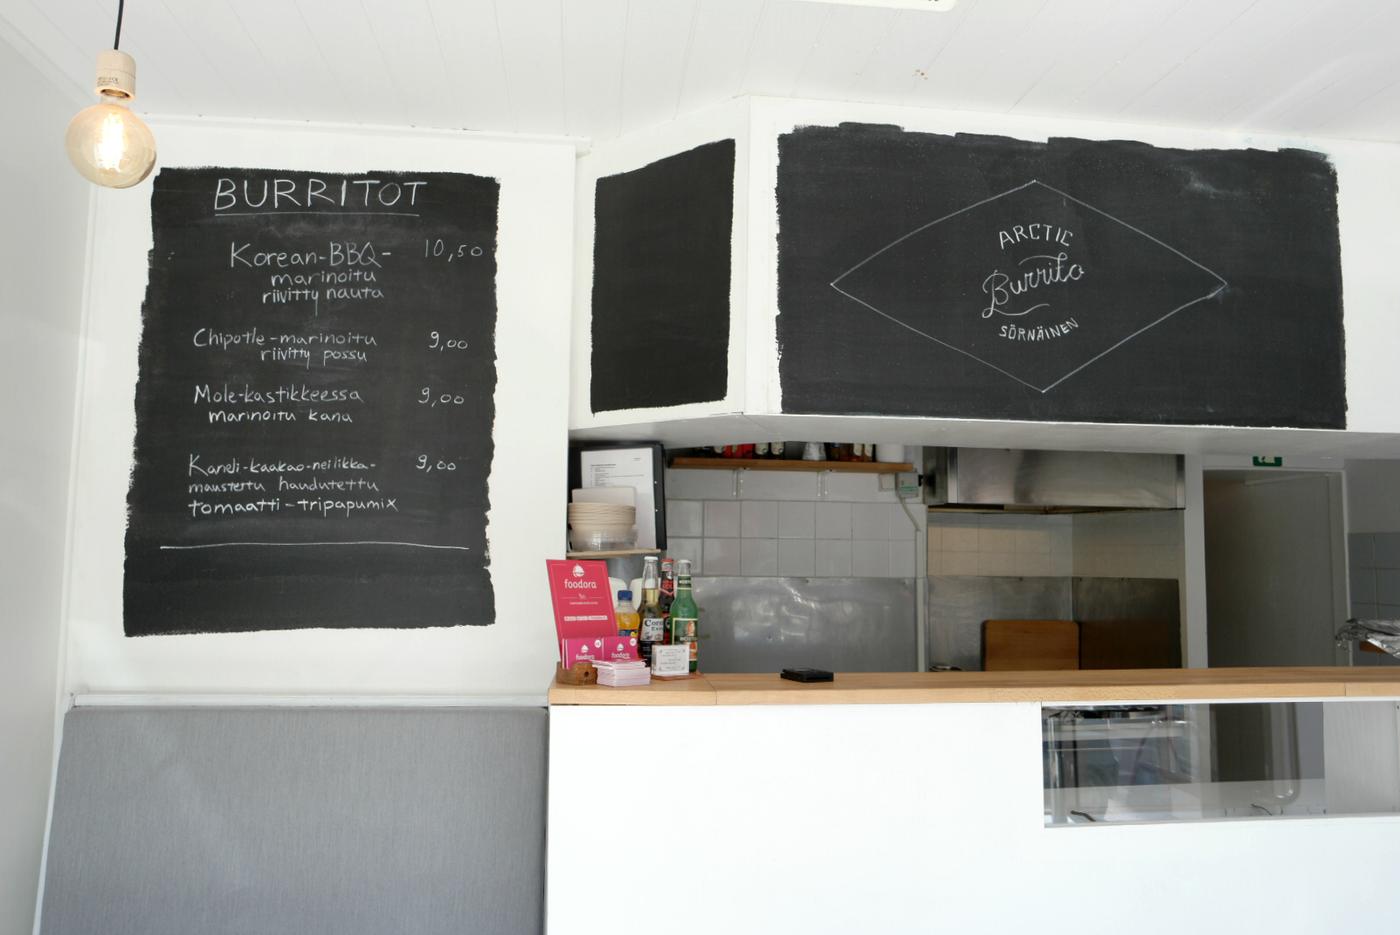 arctic-burrito-3.jpg